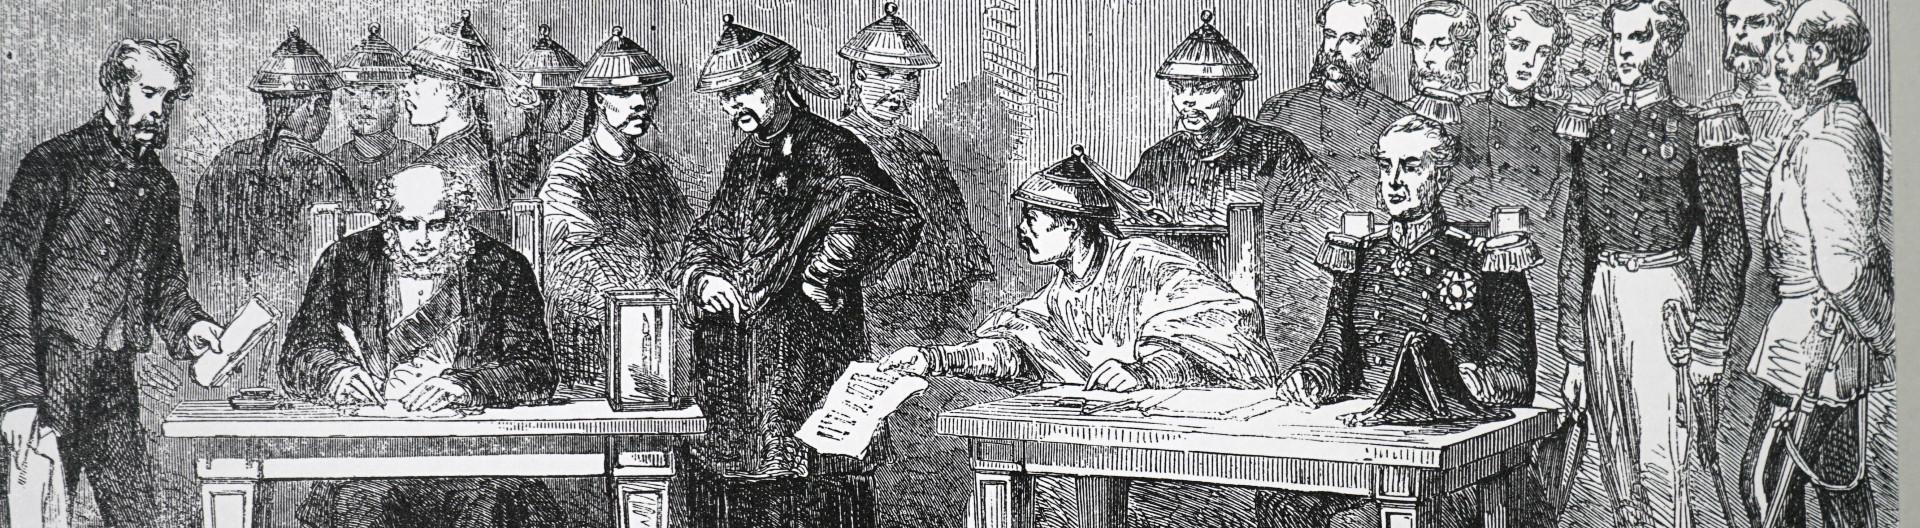 Lord Elgin unterzeichnet Vertrag von Tianjin, der den zweiten Opiumkrieg offiziell beendete.